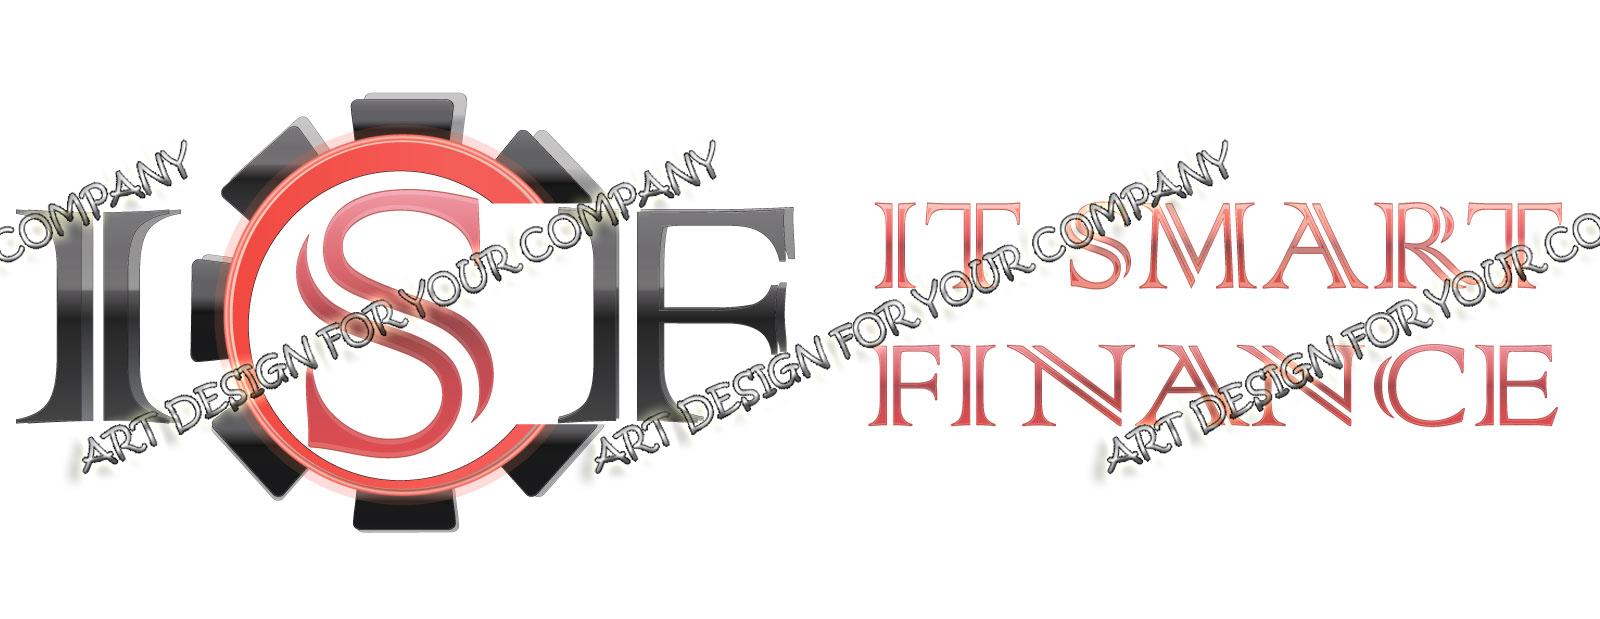 Разработка логотипа фото f_9965a2a4d21dfde7.jpg